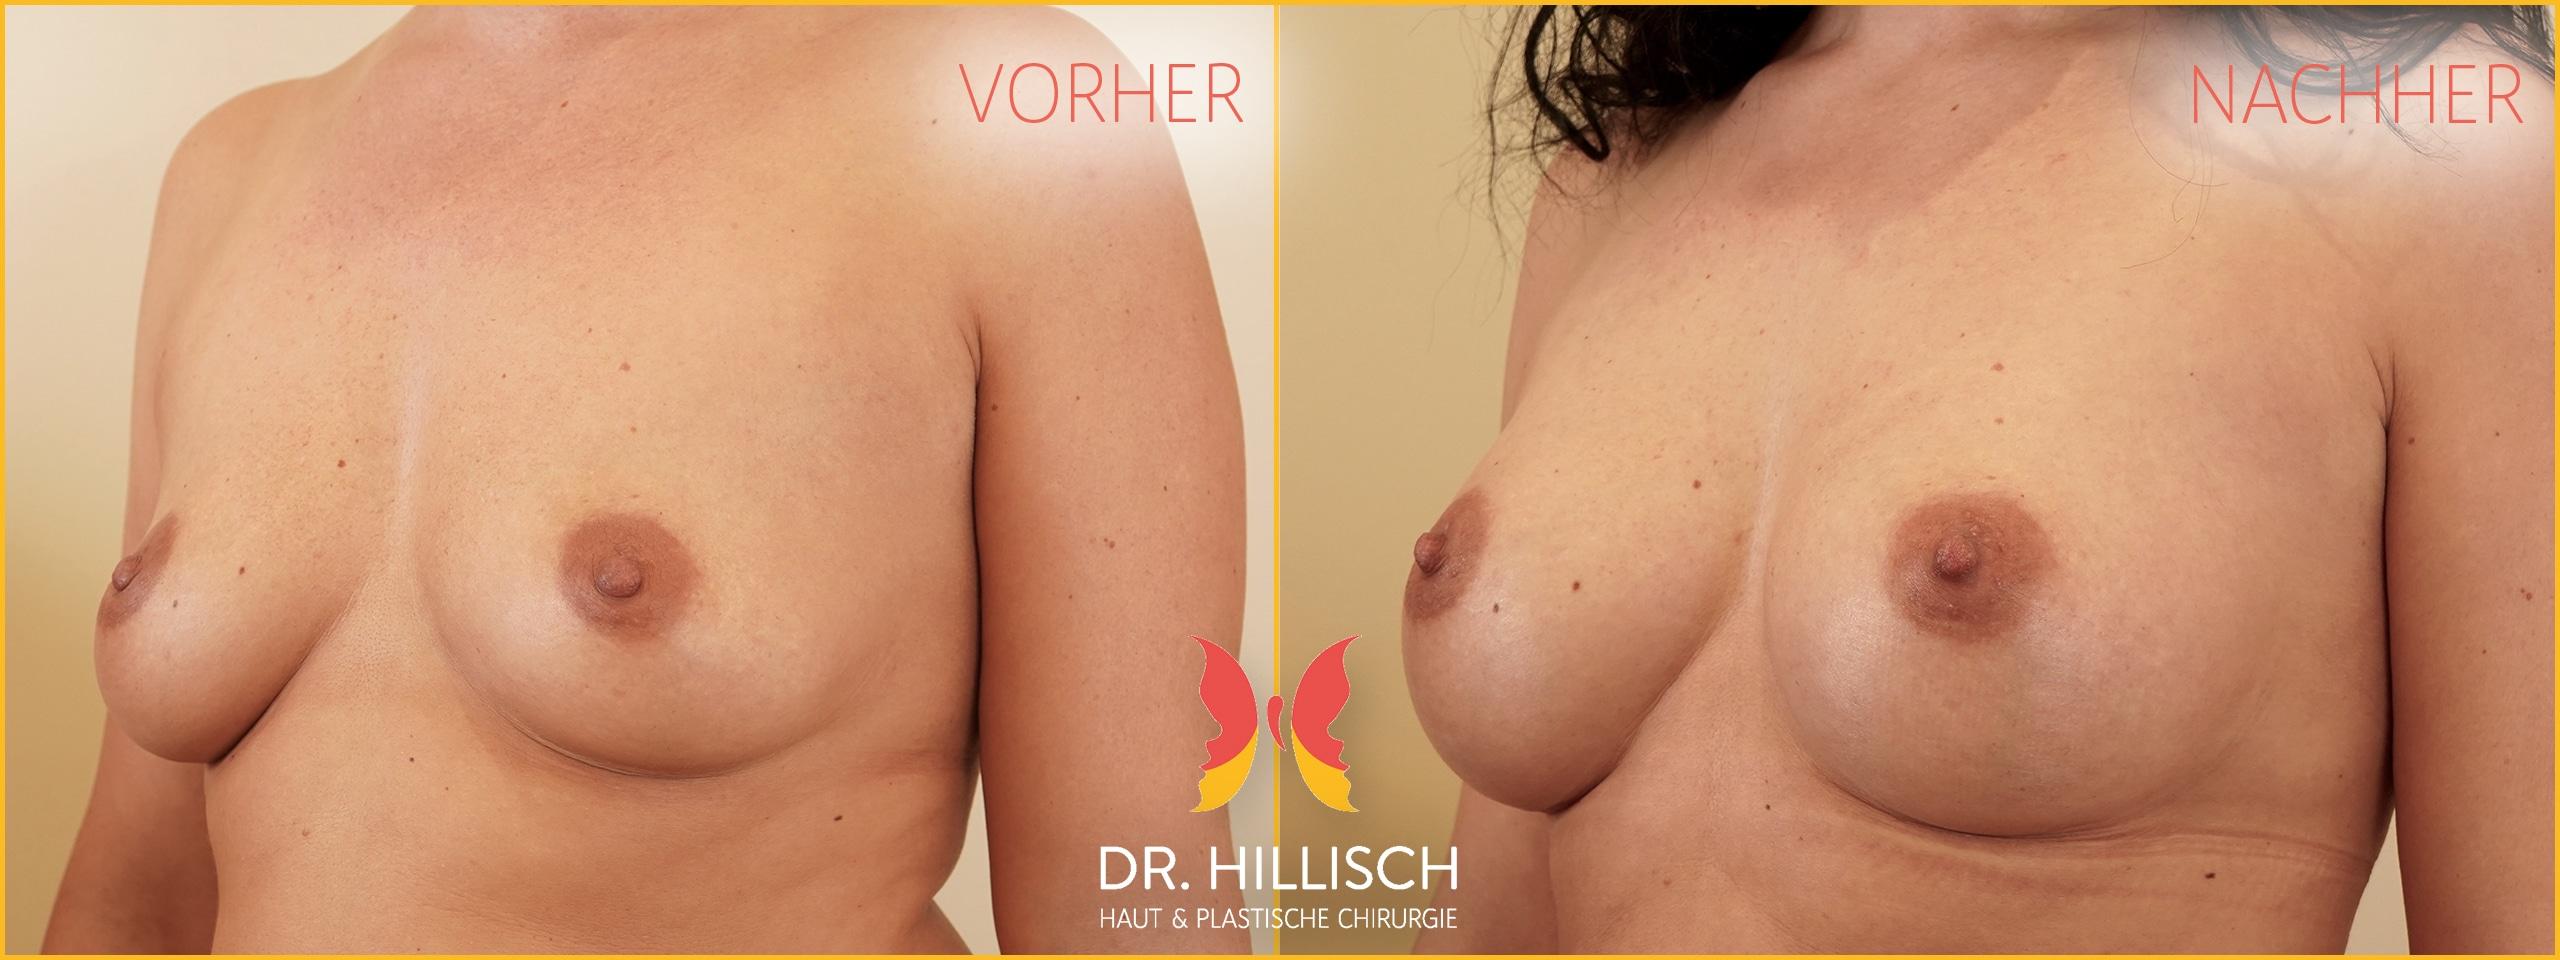 Brustvergrößerung Vorher Nachher Patient 055